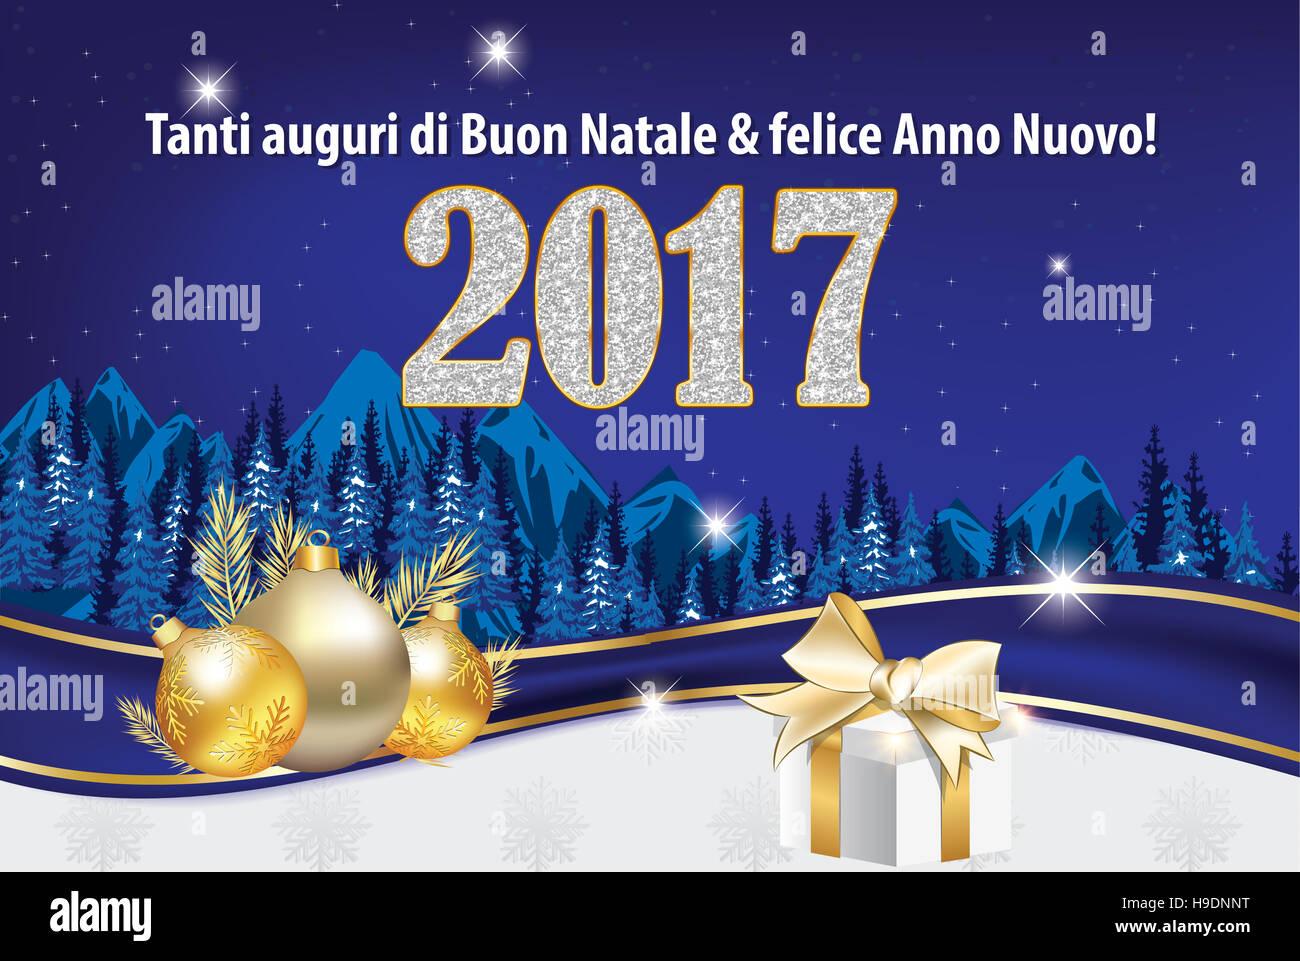 Preferenza Tanti auguri di Buon Natale & felice Anno Nuovo! - Biglietto Stock  RH49